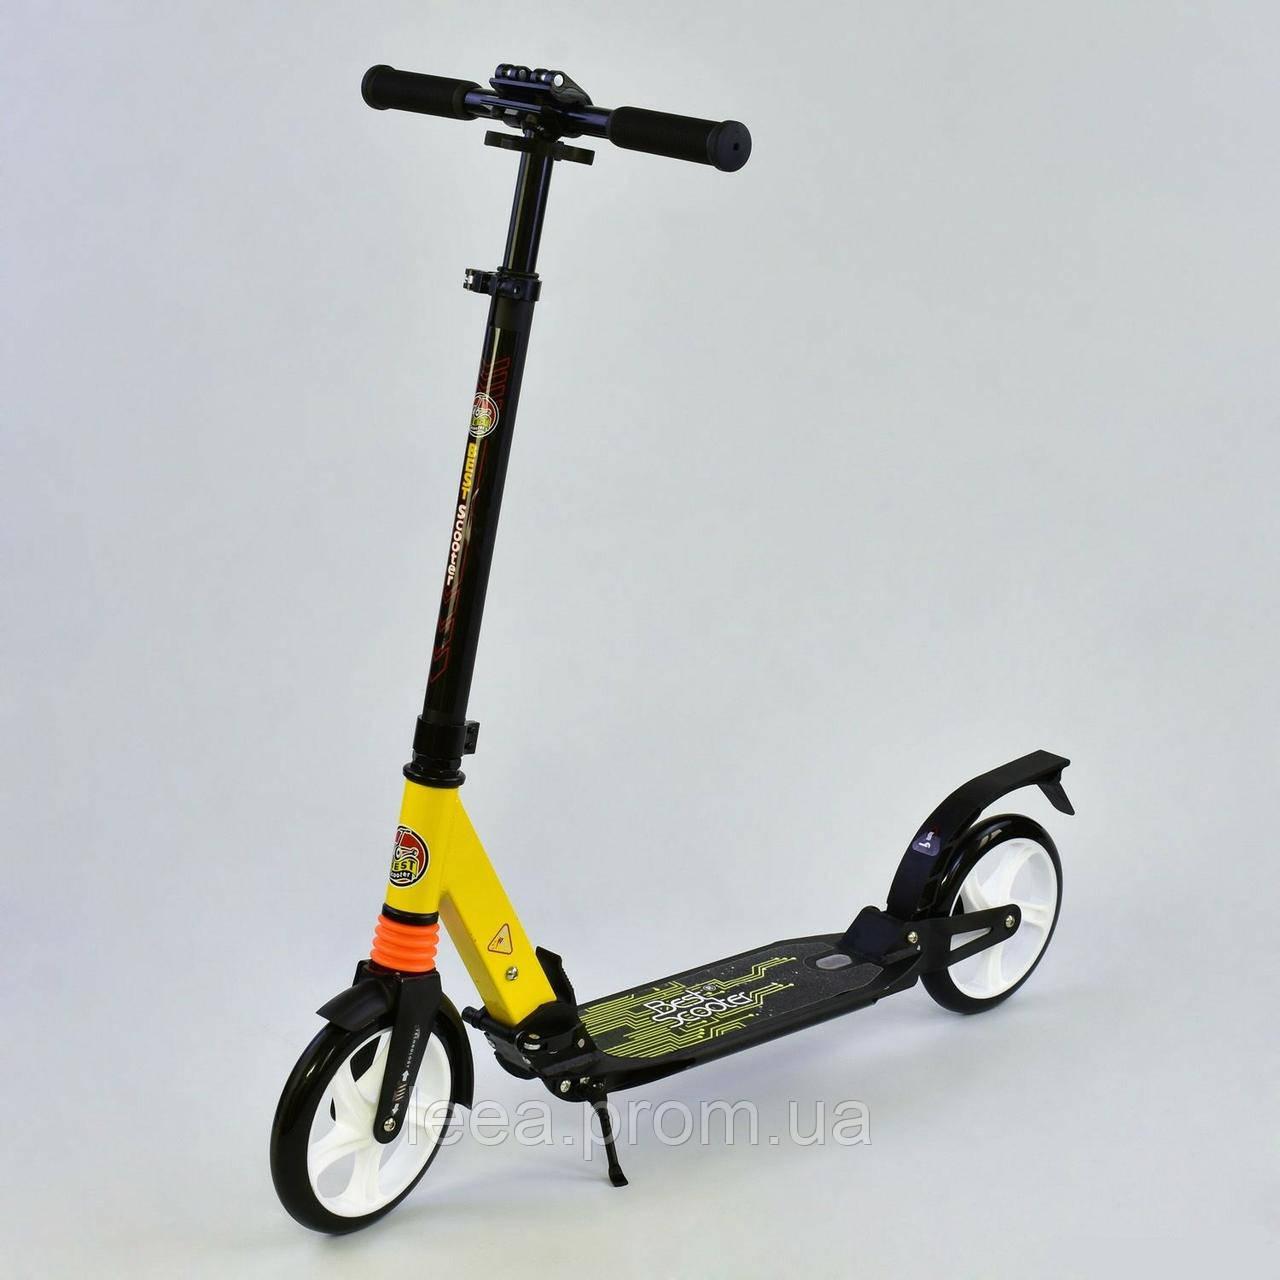 Самокат 00055, желтый, колеса PU, d=20 см, 2 амортизатора (передний и задний), грипcы резиновые